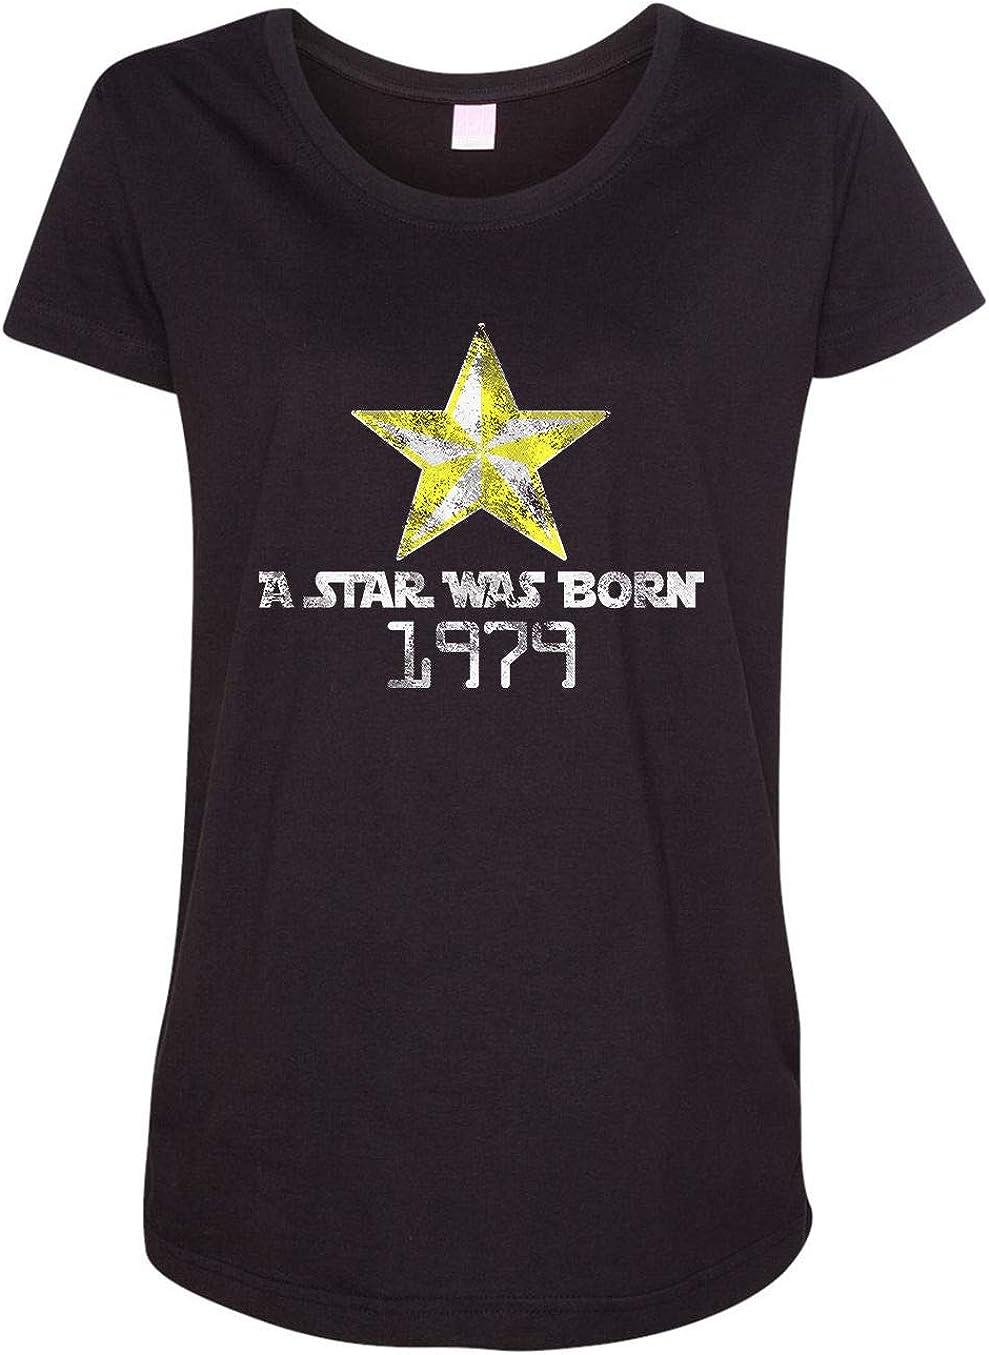 HARD EDGE DESIGN Women's A Star was Born 1979 T-Shirt